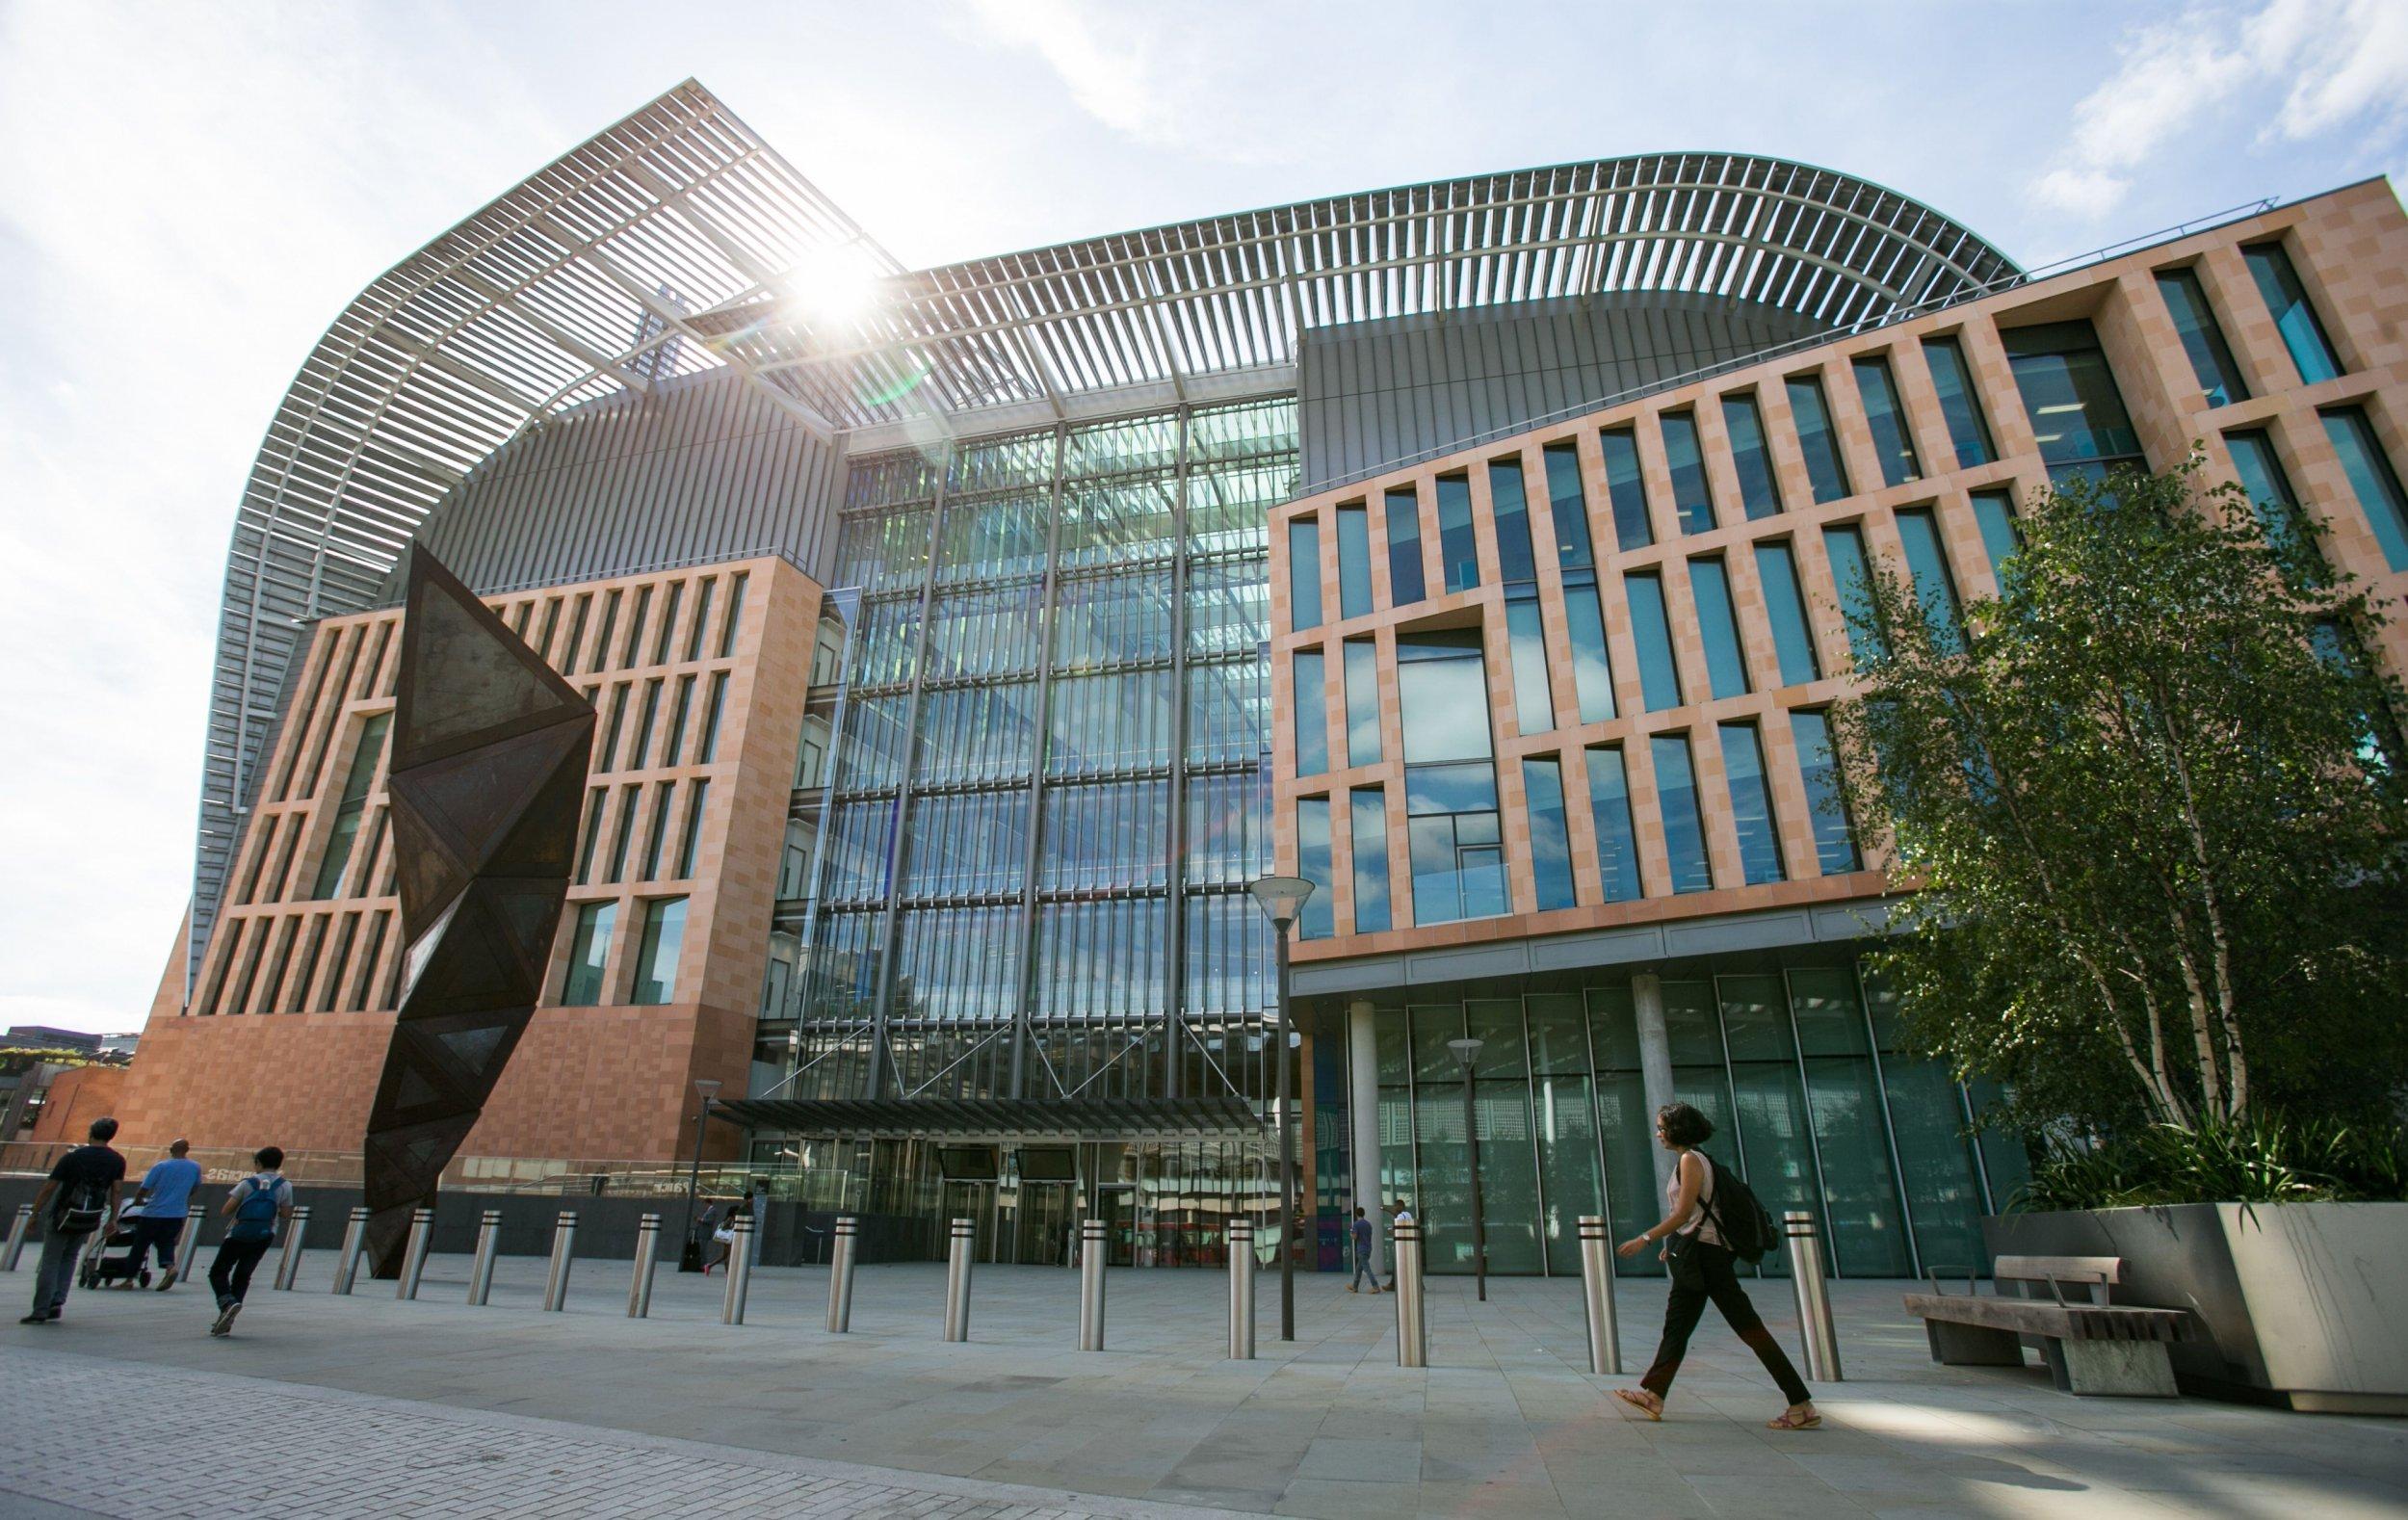 Francis Crick institute